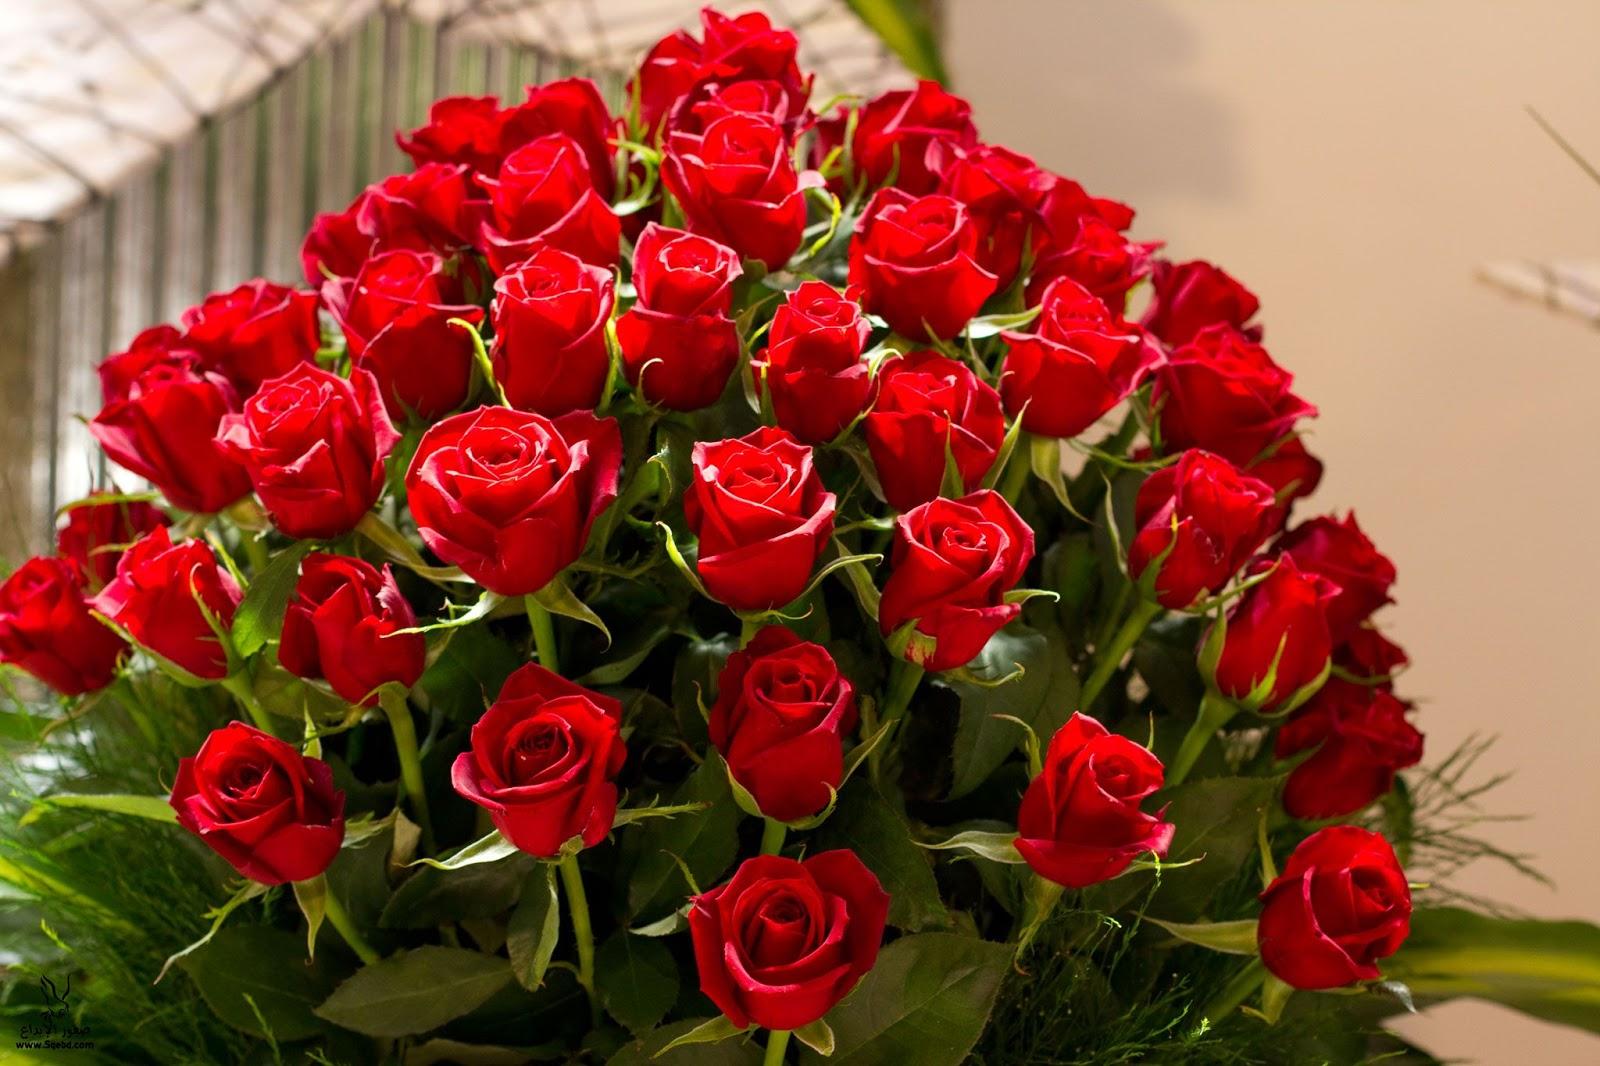 بالصور صور زهور , اجمل خلفيات الورد 3736